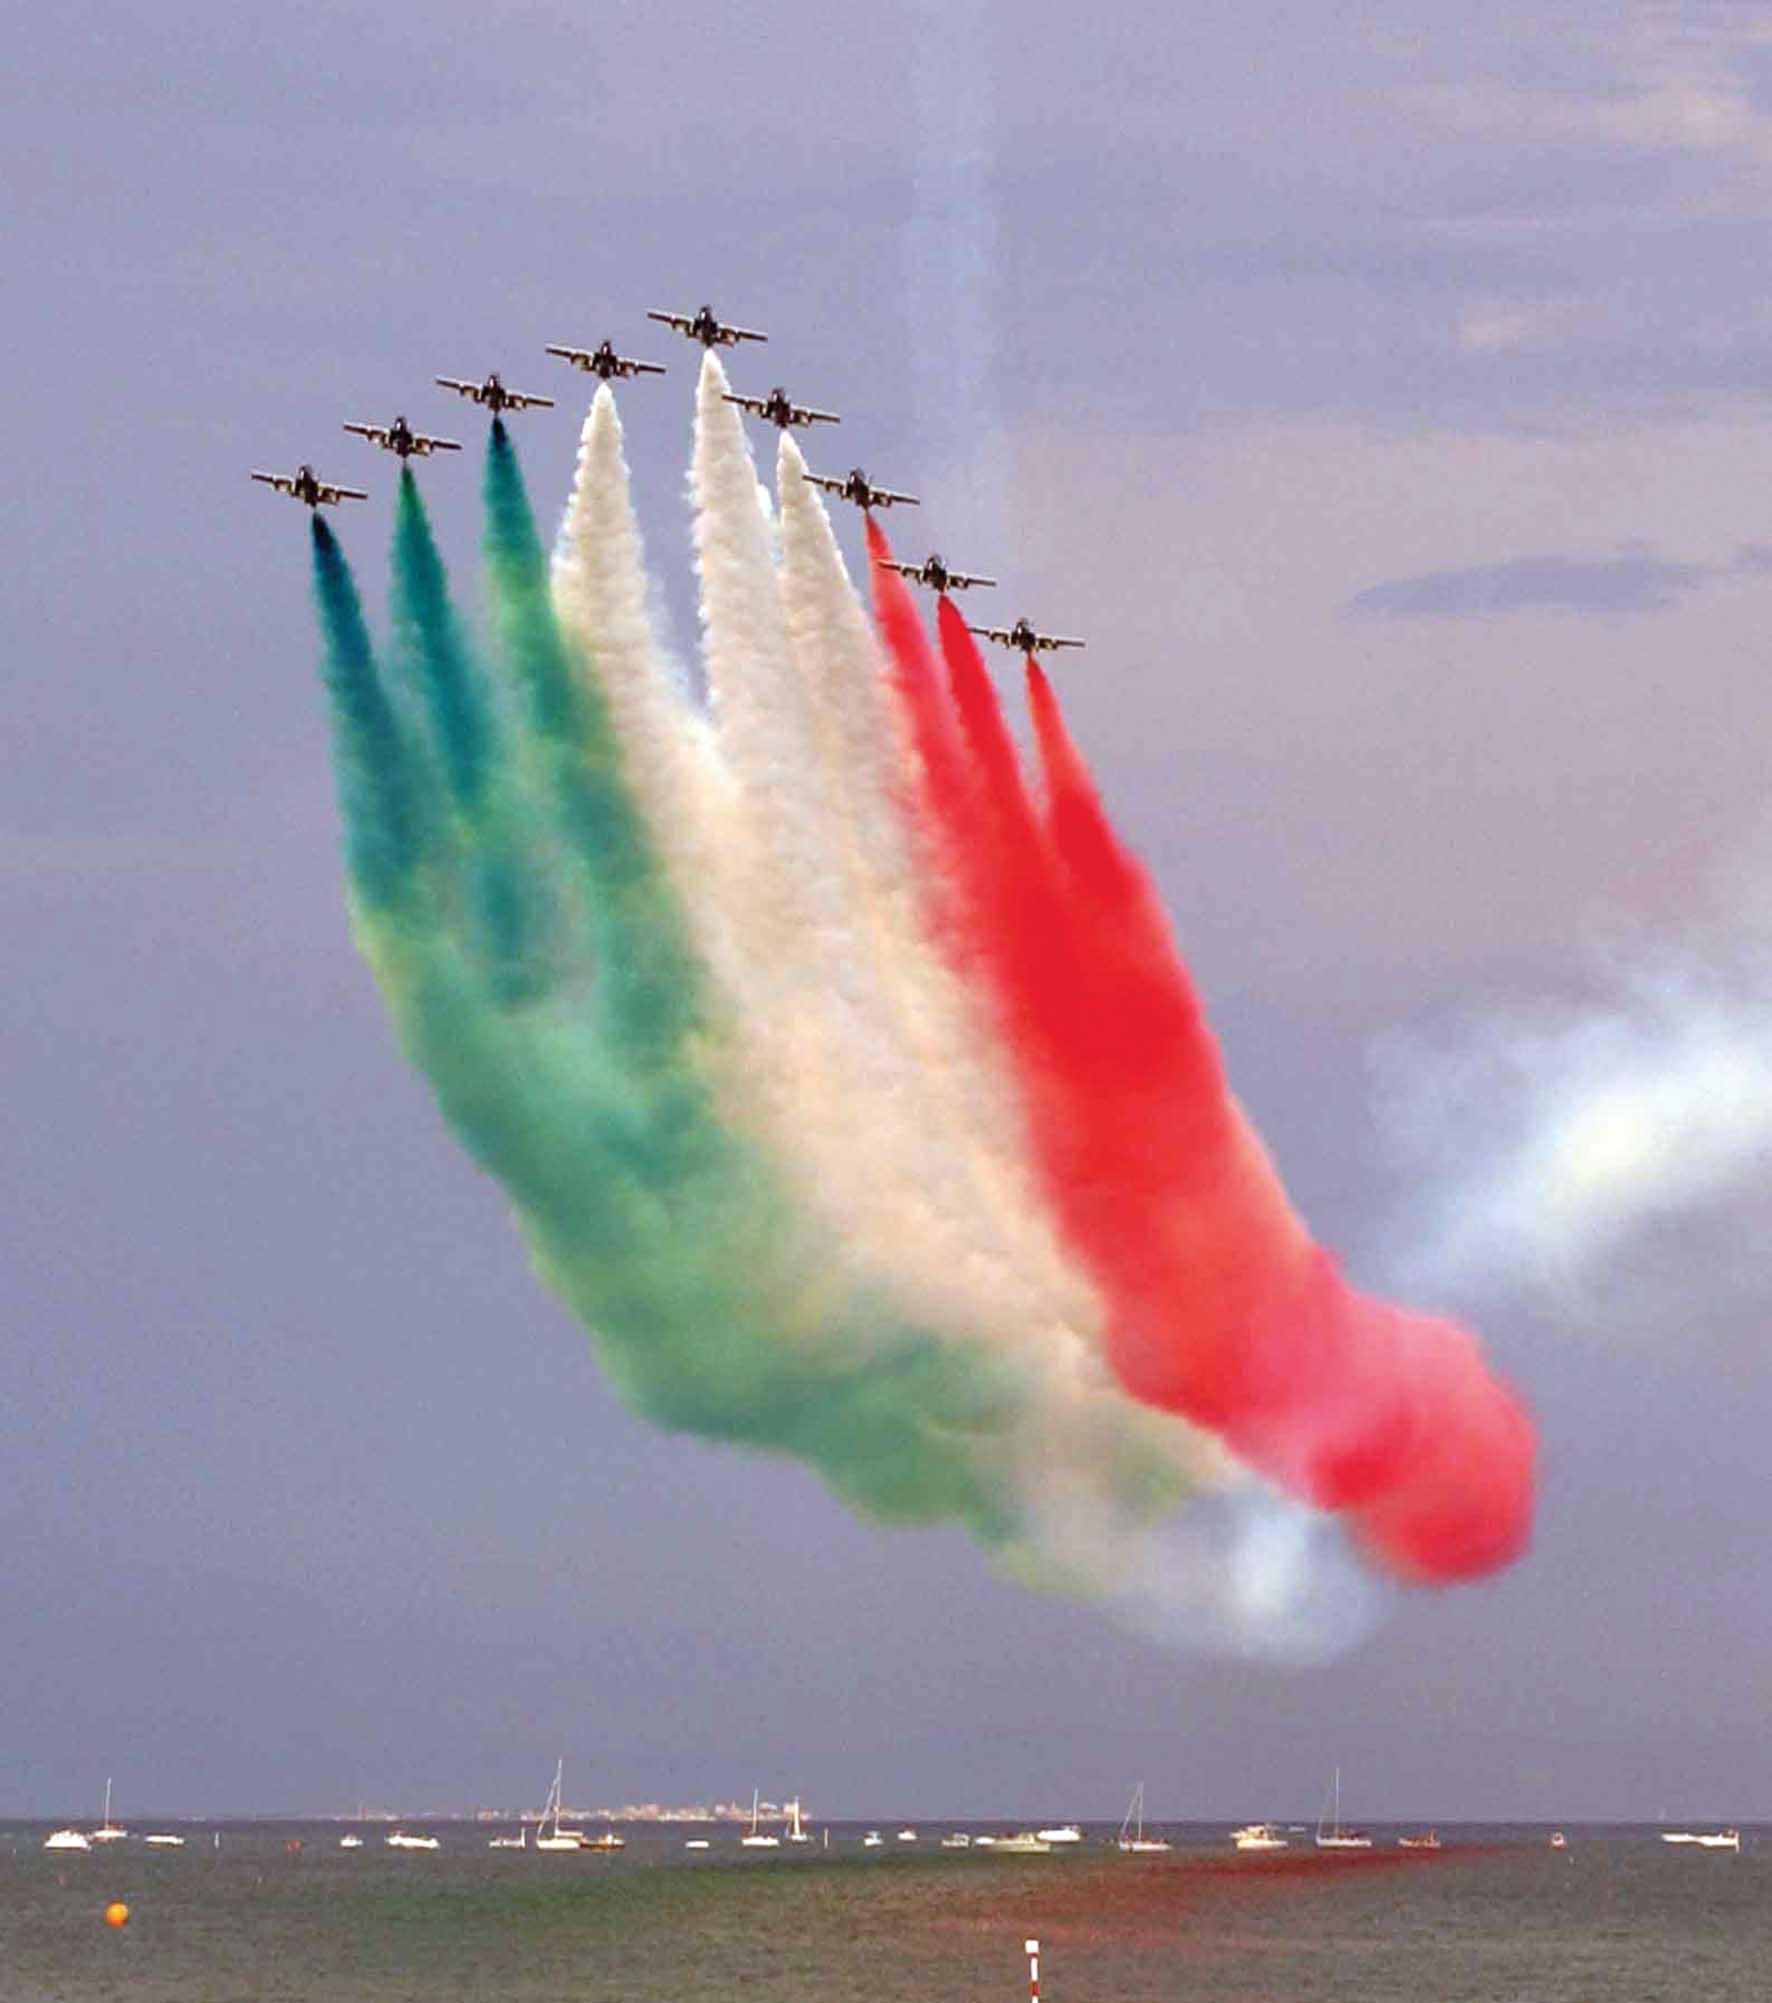 frecce tricolori scie cielo Ph Parisotto V 0105 1